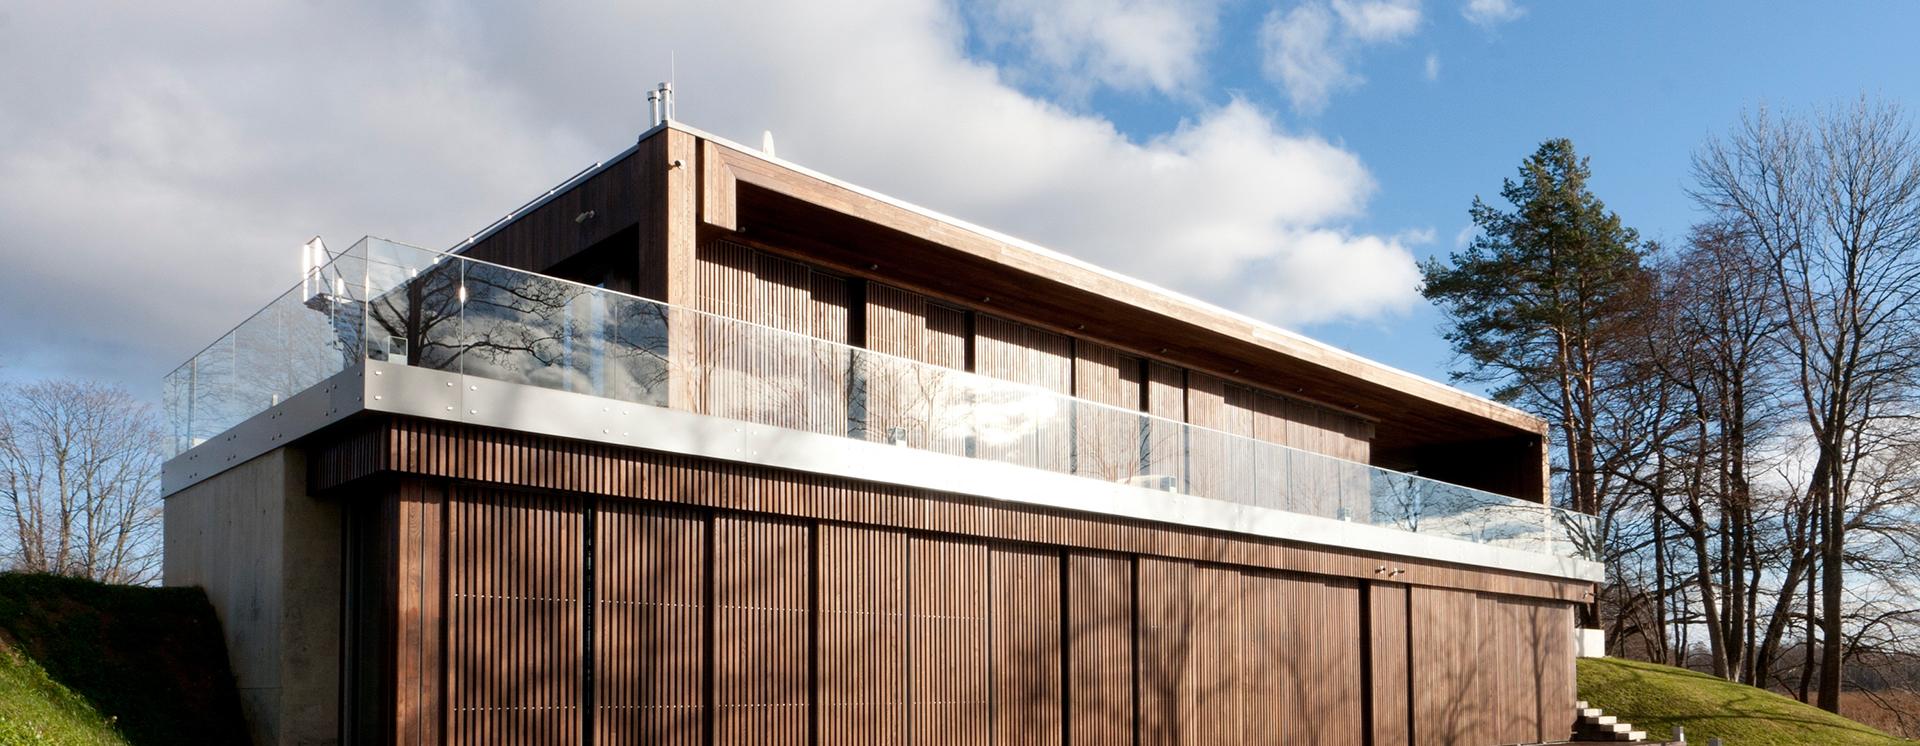 fassade haus haus m modern haus fassade stuttgart von m3. Black Bedroom Furniture Sets. Home Design Ideas